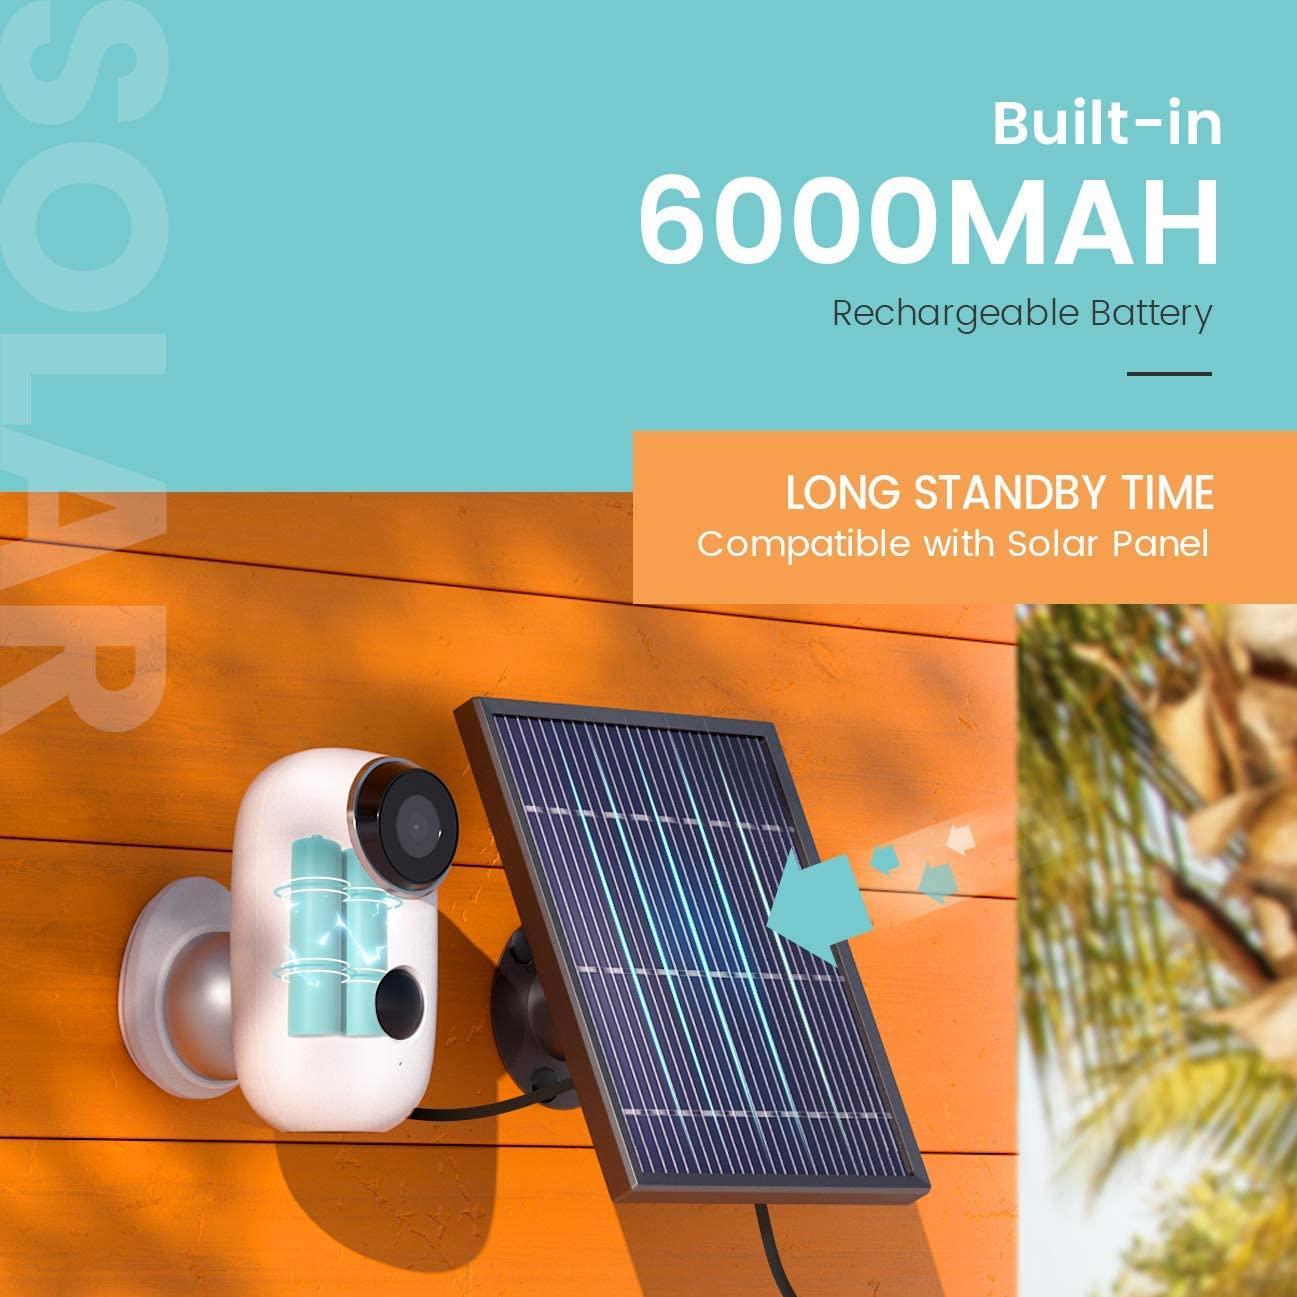 Camera Năng Lượng Mặt Trời Không Dây Heimvision HMD2 1080p - Hàng Chính Hãng